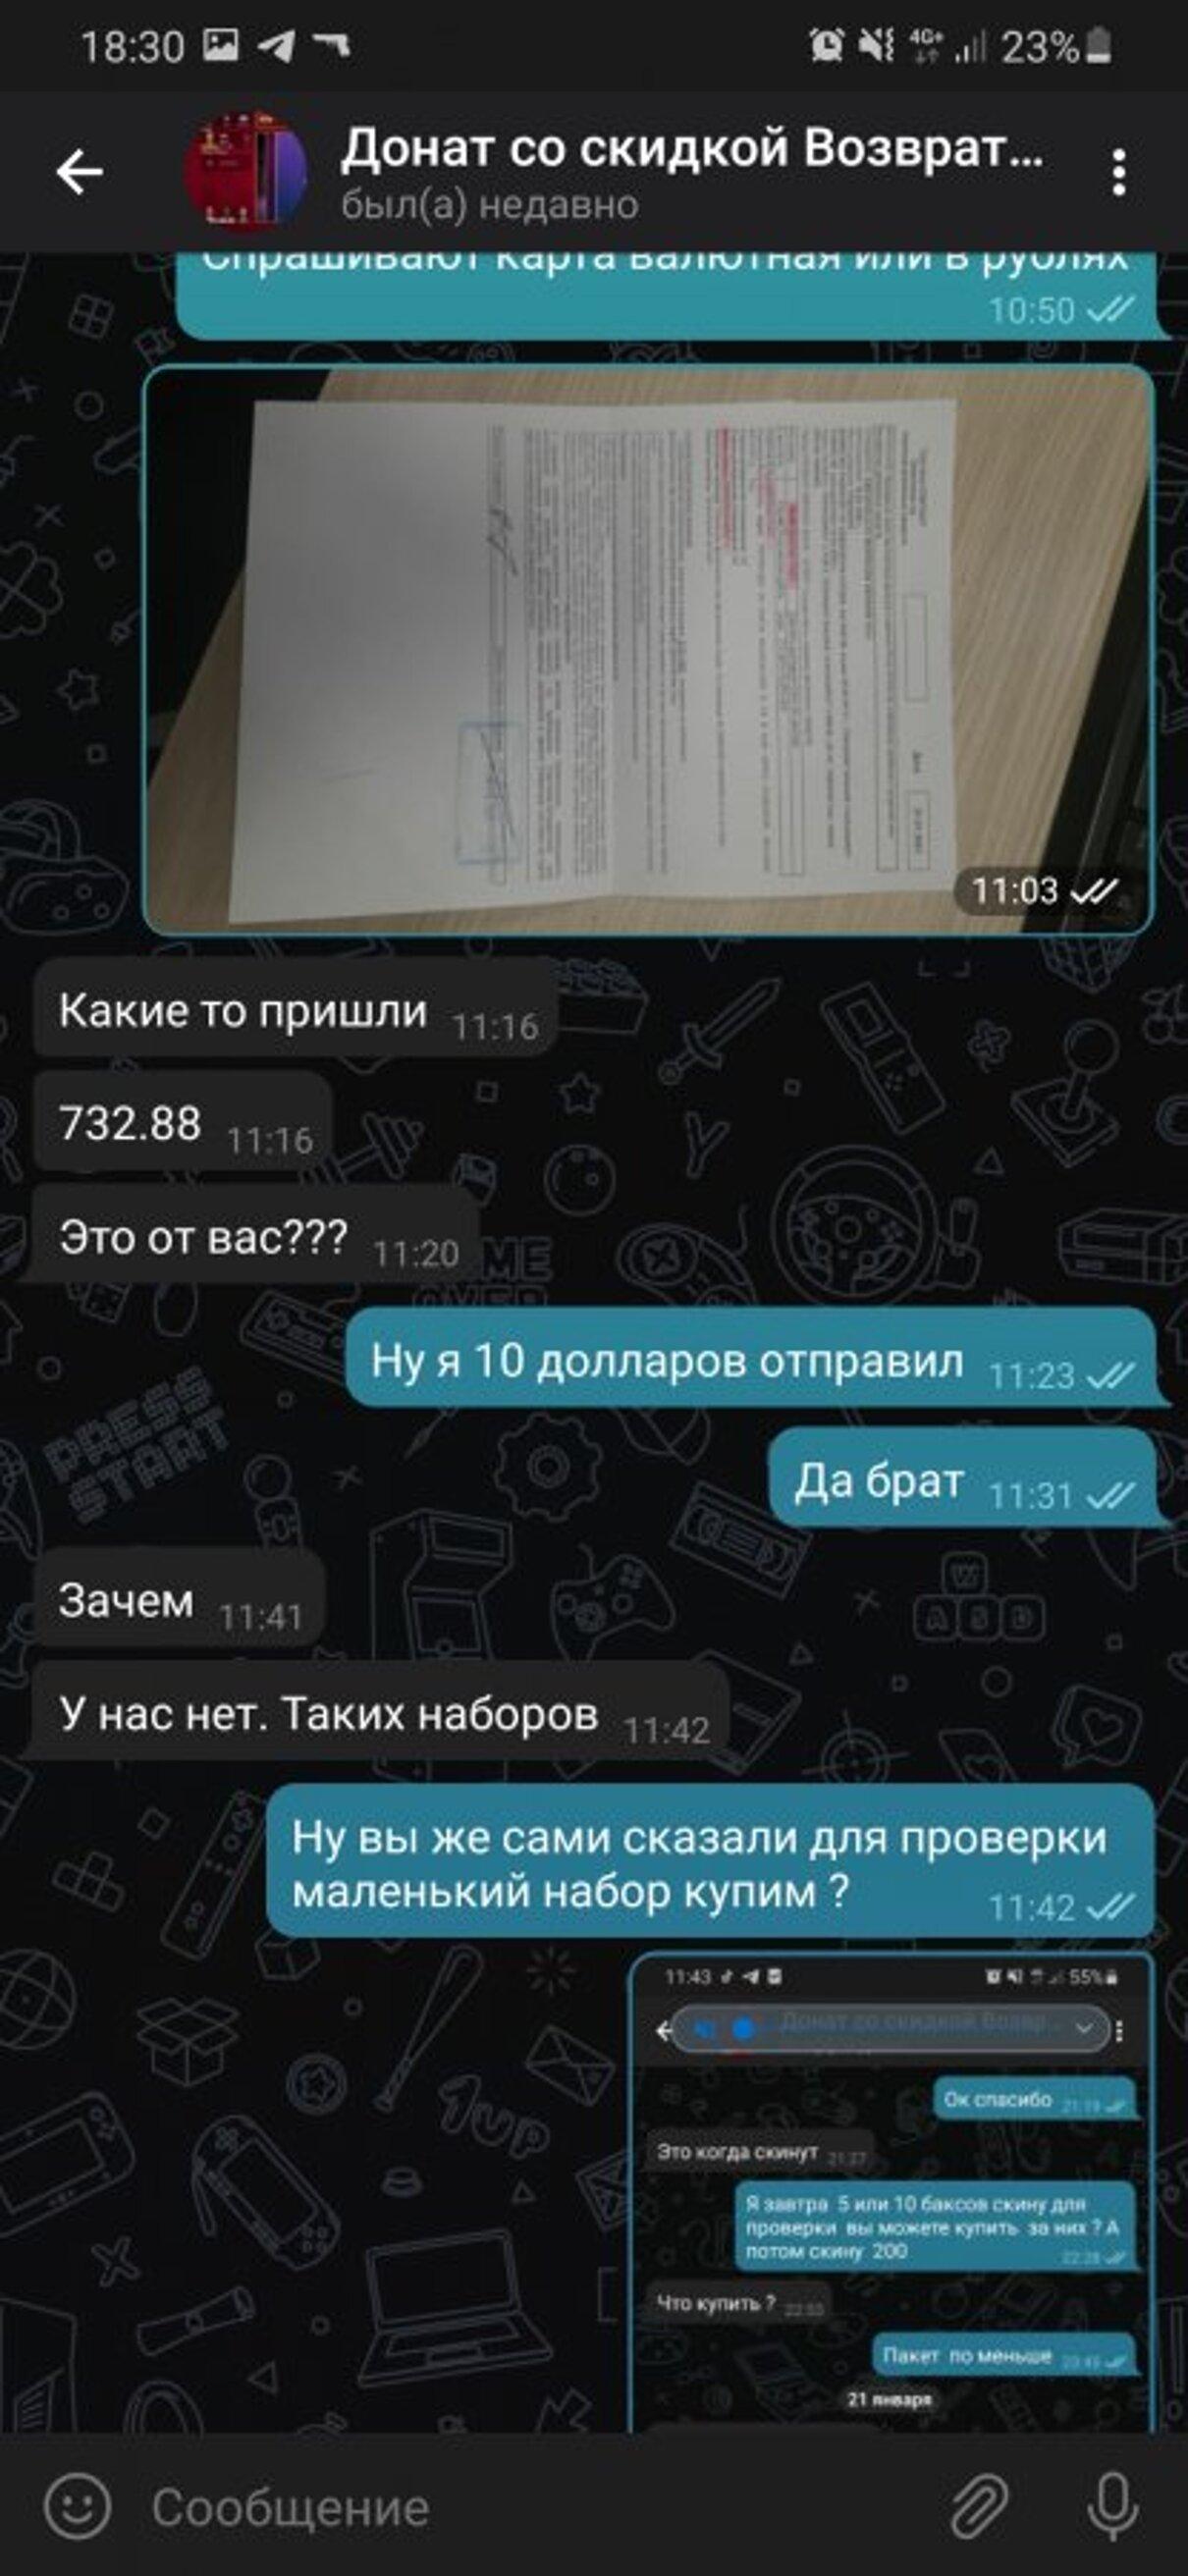 Жалоба-отзыв: Donat-games.ru - Мошенники и кидалы.  Фото №2